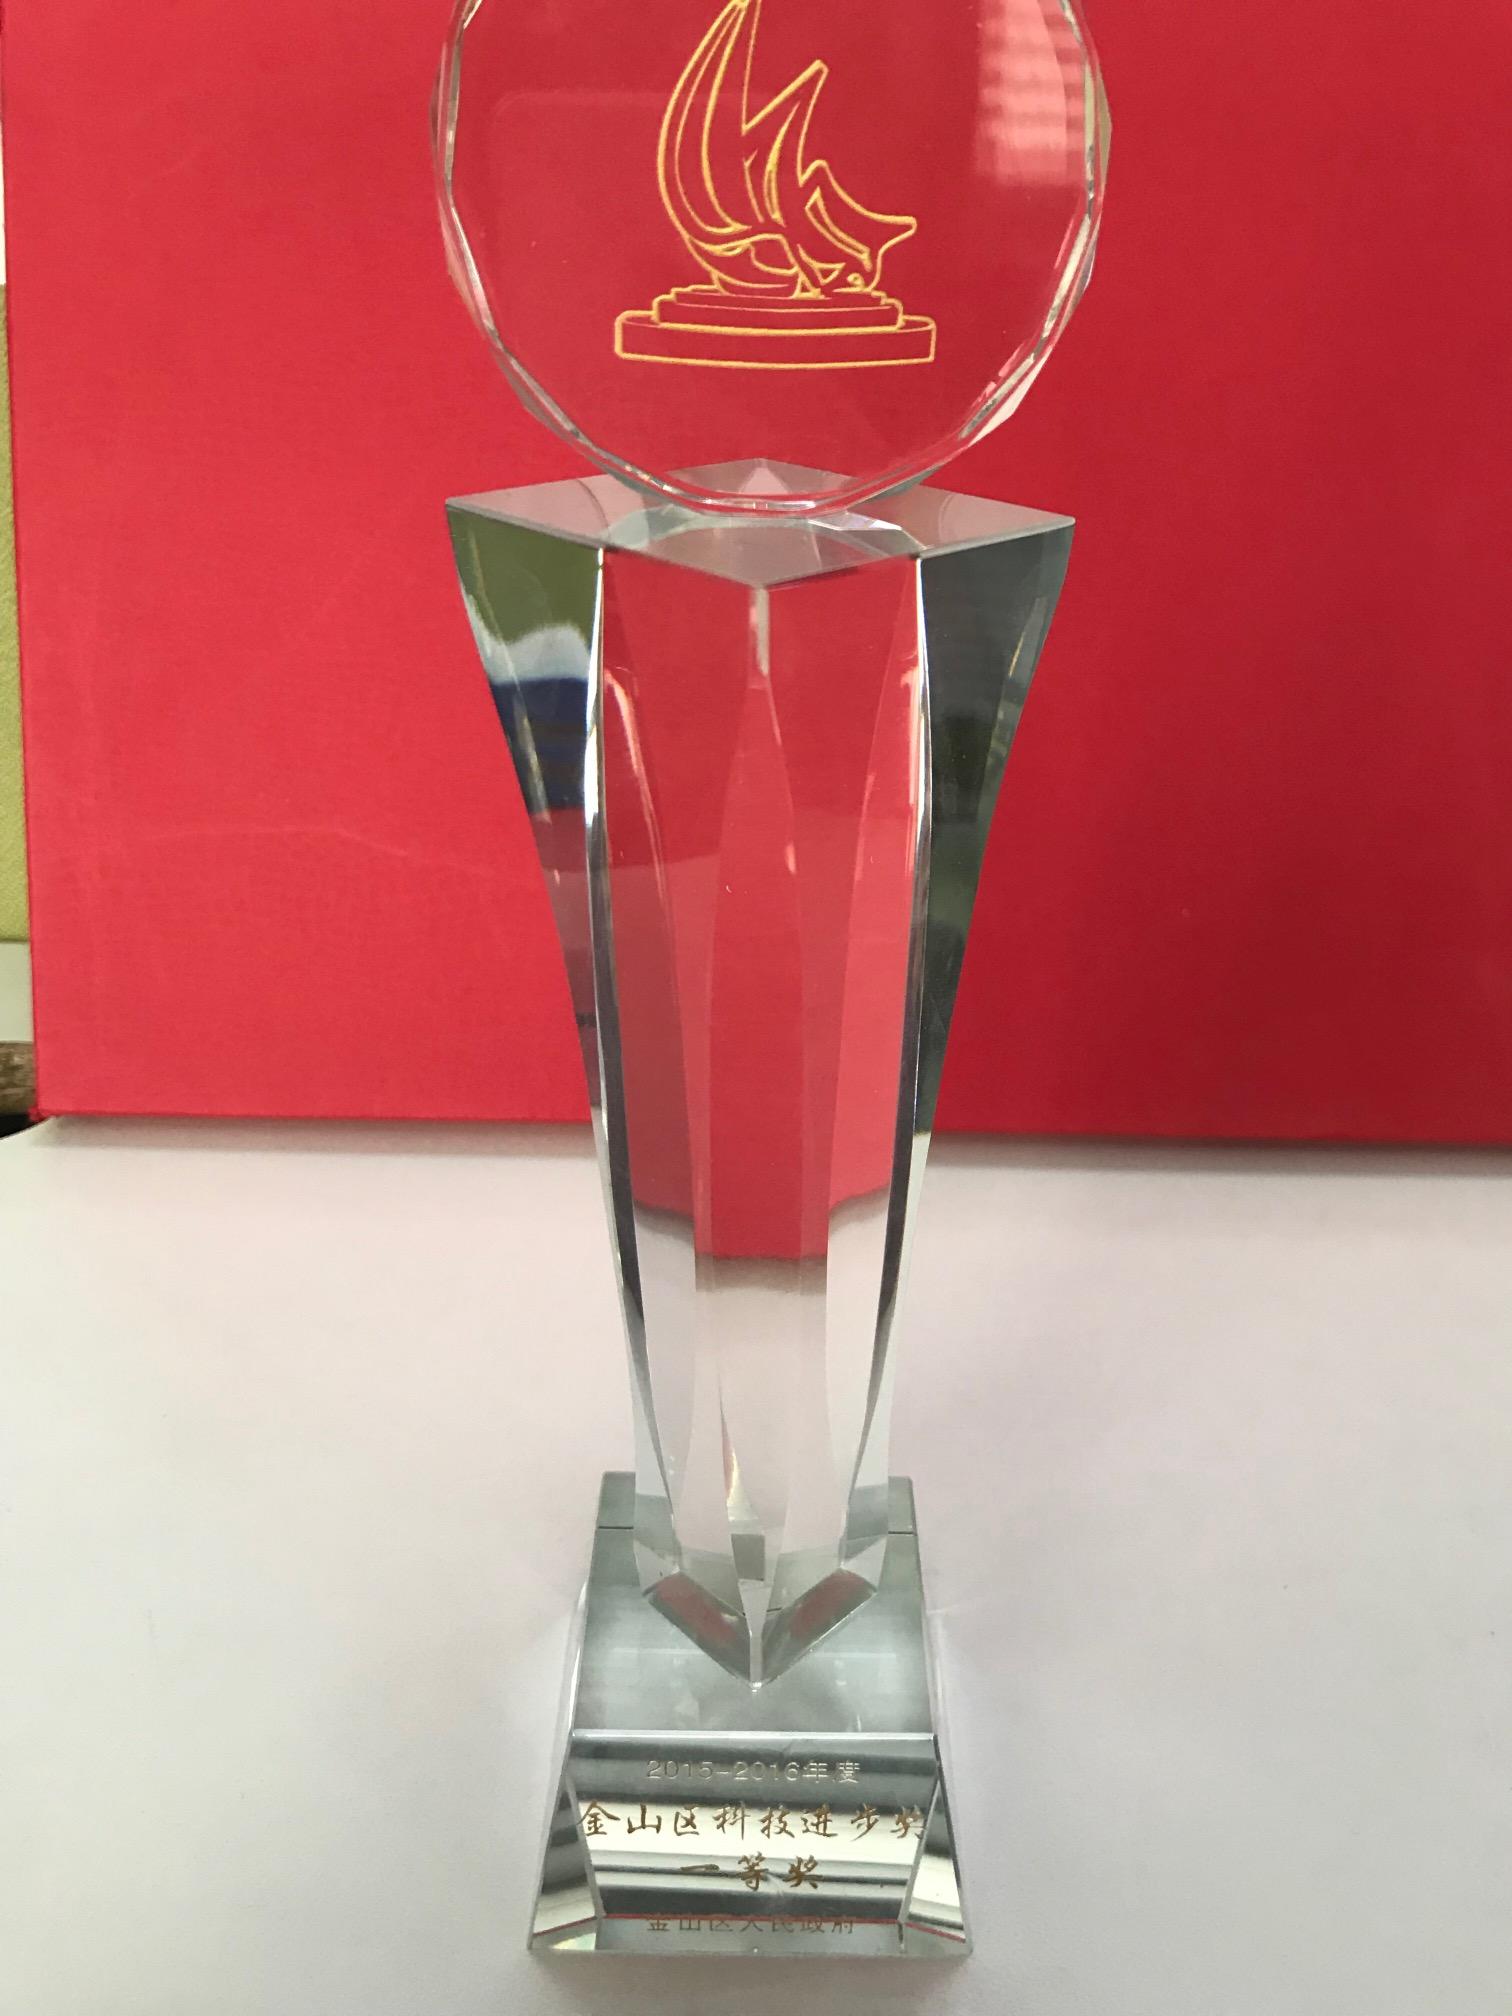 上海市金山区科技进步一等奖